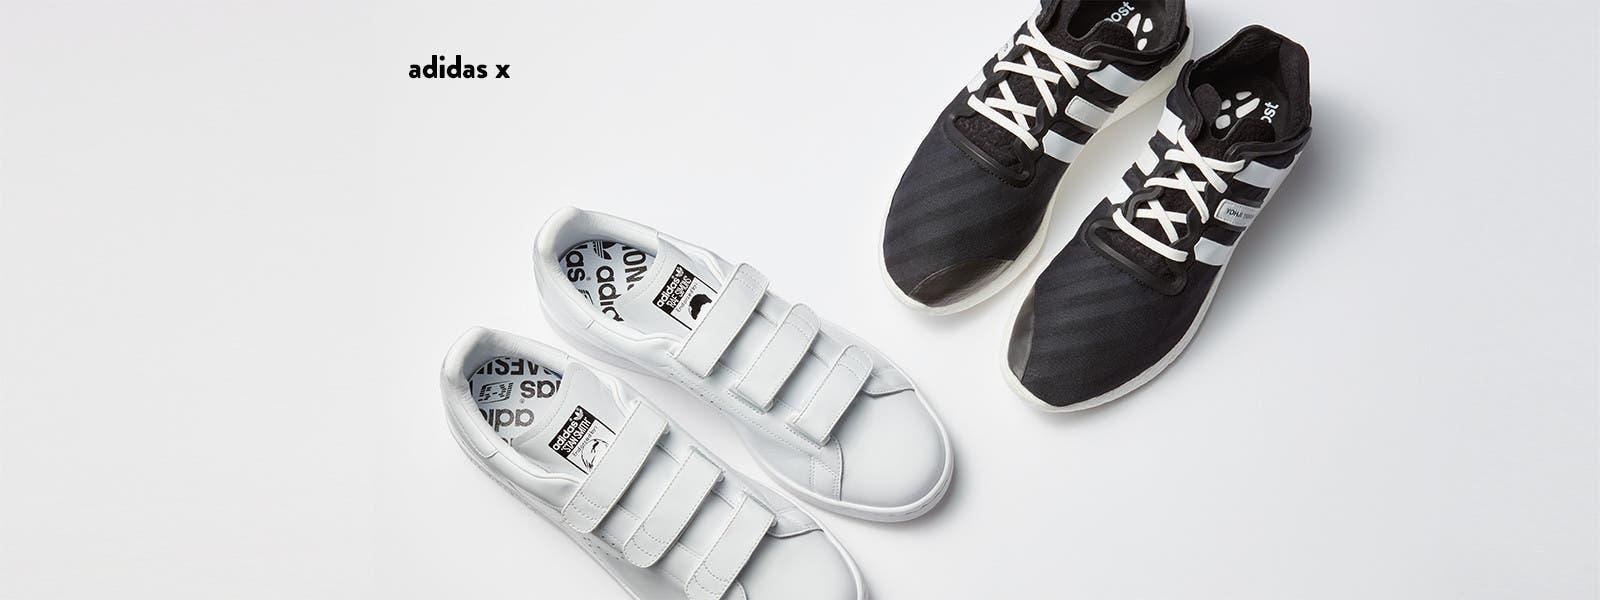 Adidas collaborates with Raf Simons and Yohji Yamamoto.